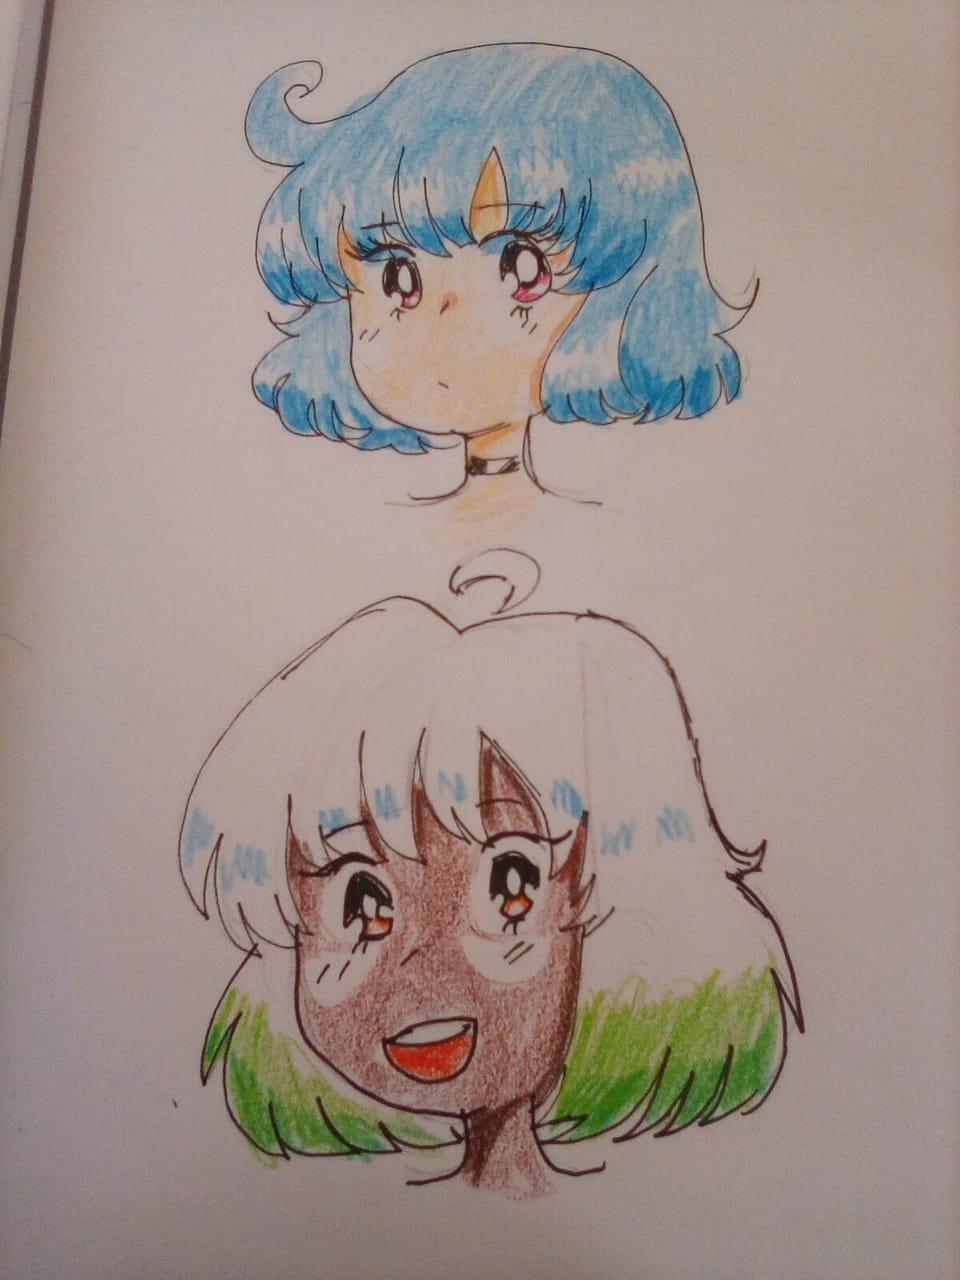 90's anime style  Illust of ali-chi | Alus uwu (Fundy Mode) challenge 90sanimestyle